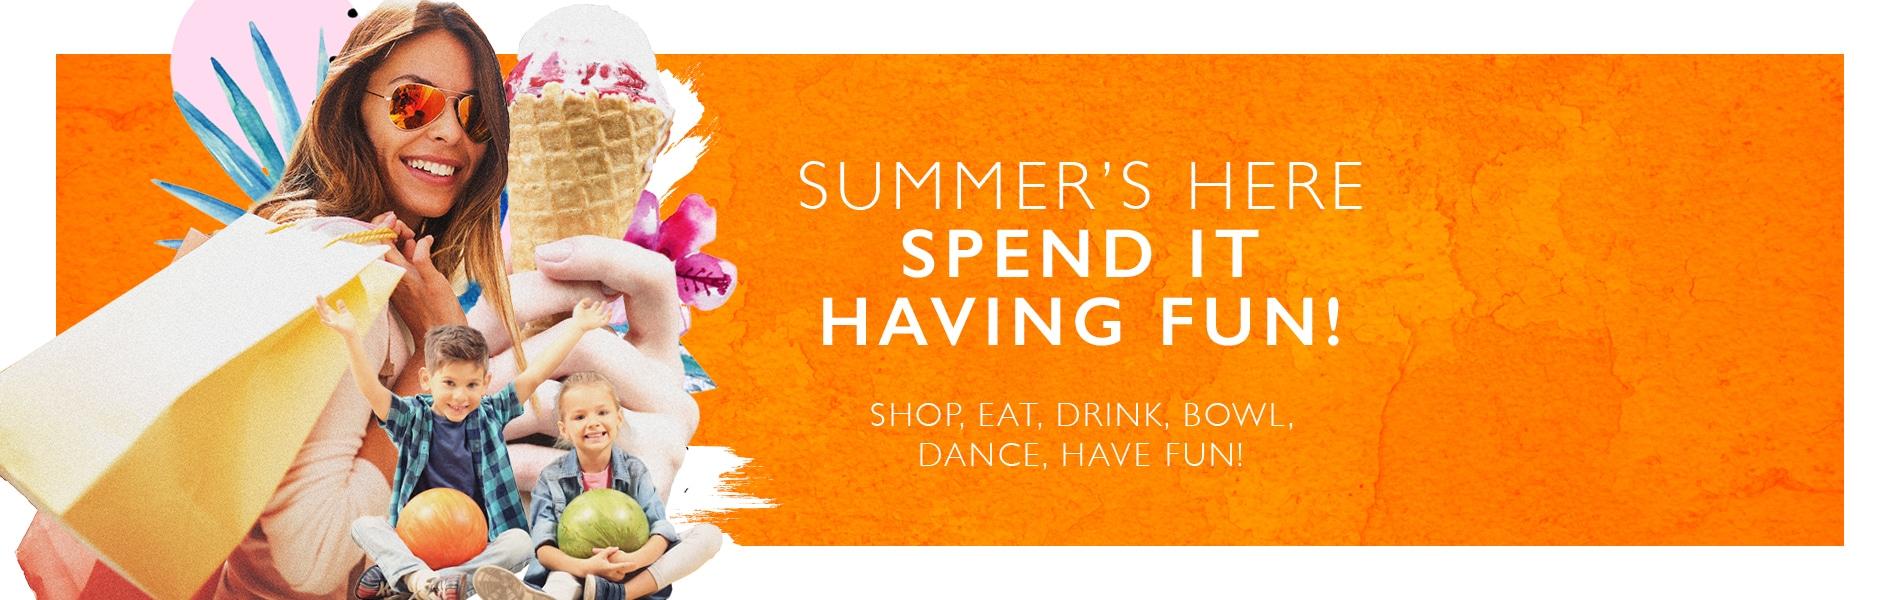 Spend it having fun!